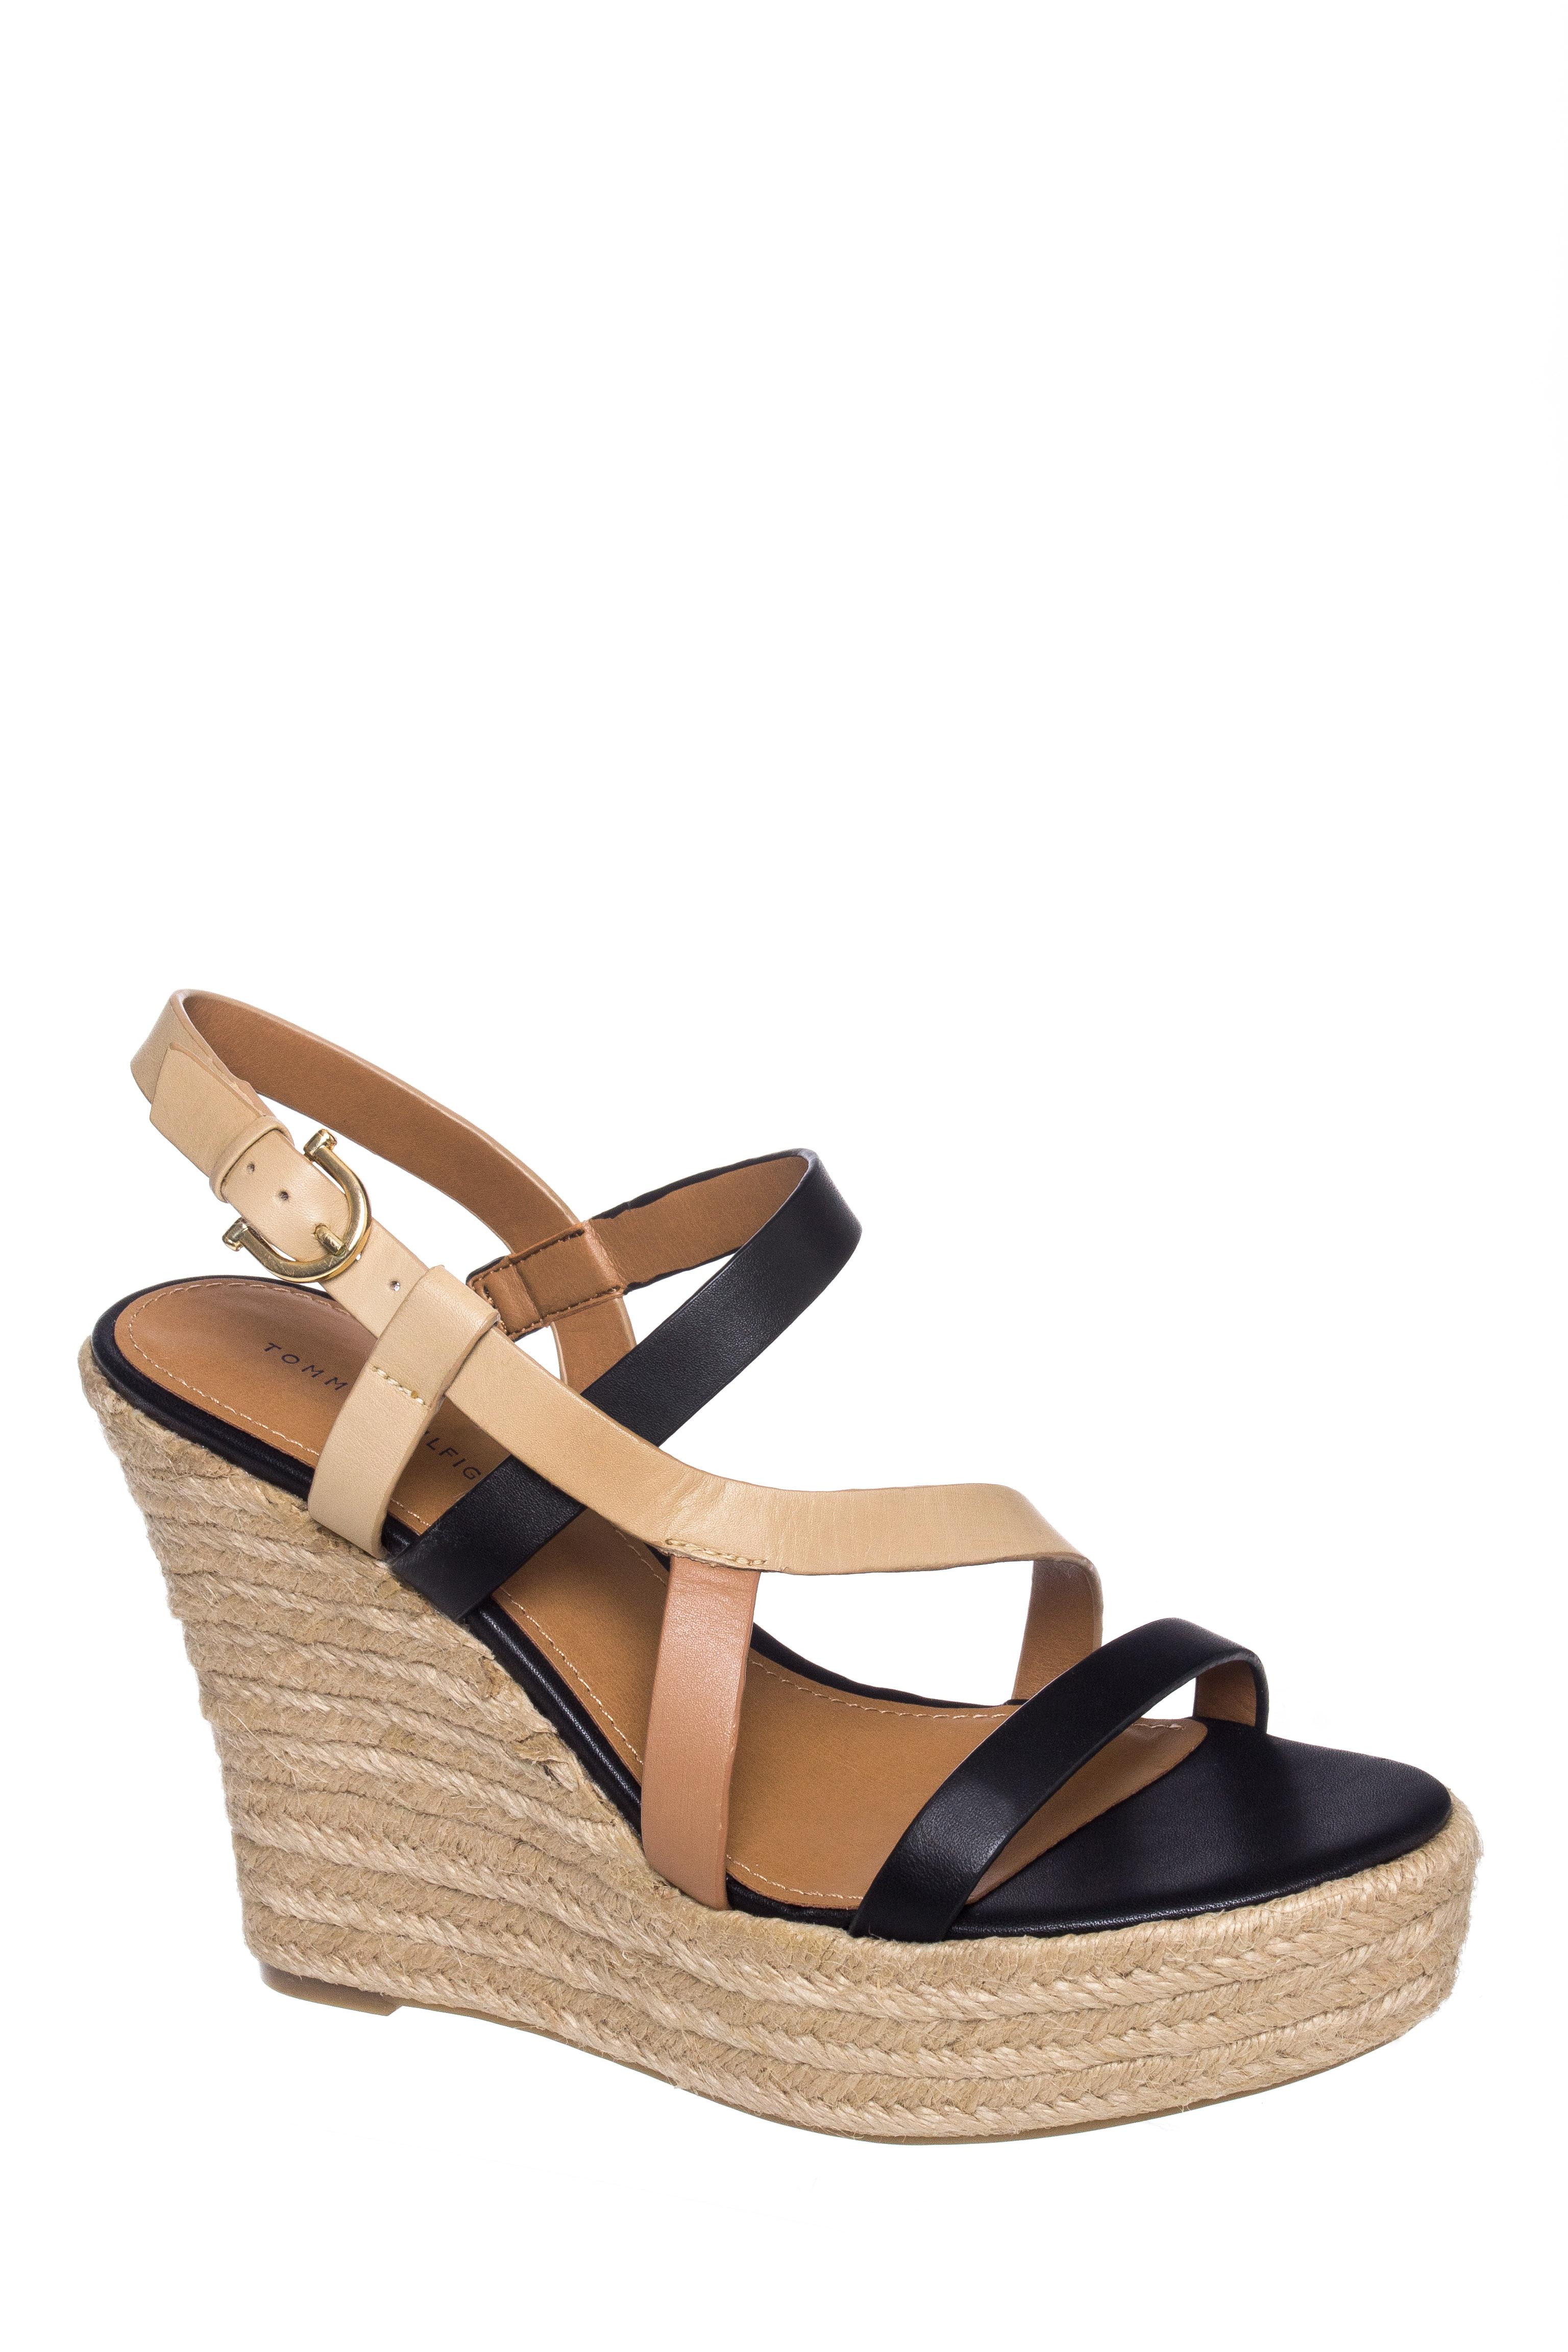 Tommy Hilfiger Abri Platform Wedge Sandals